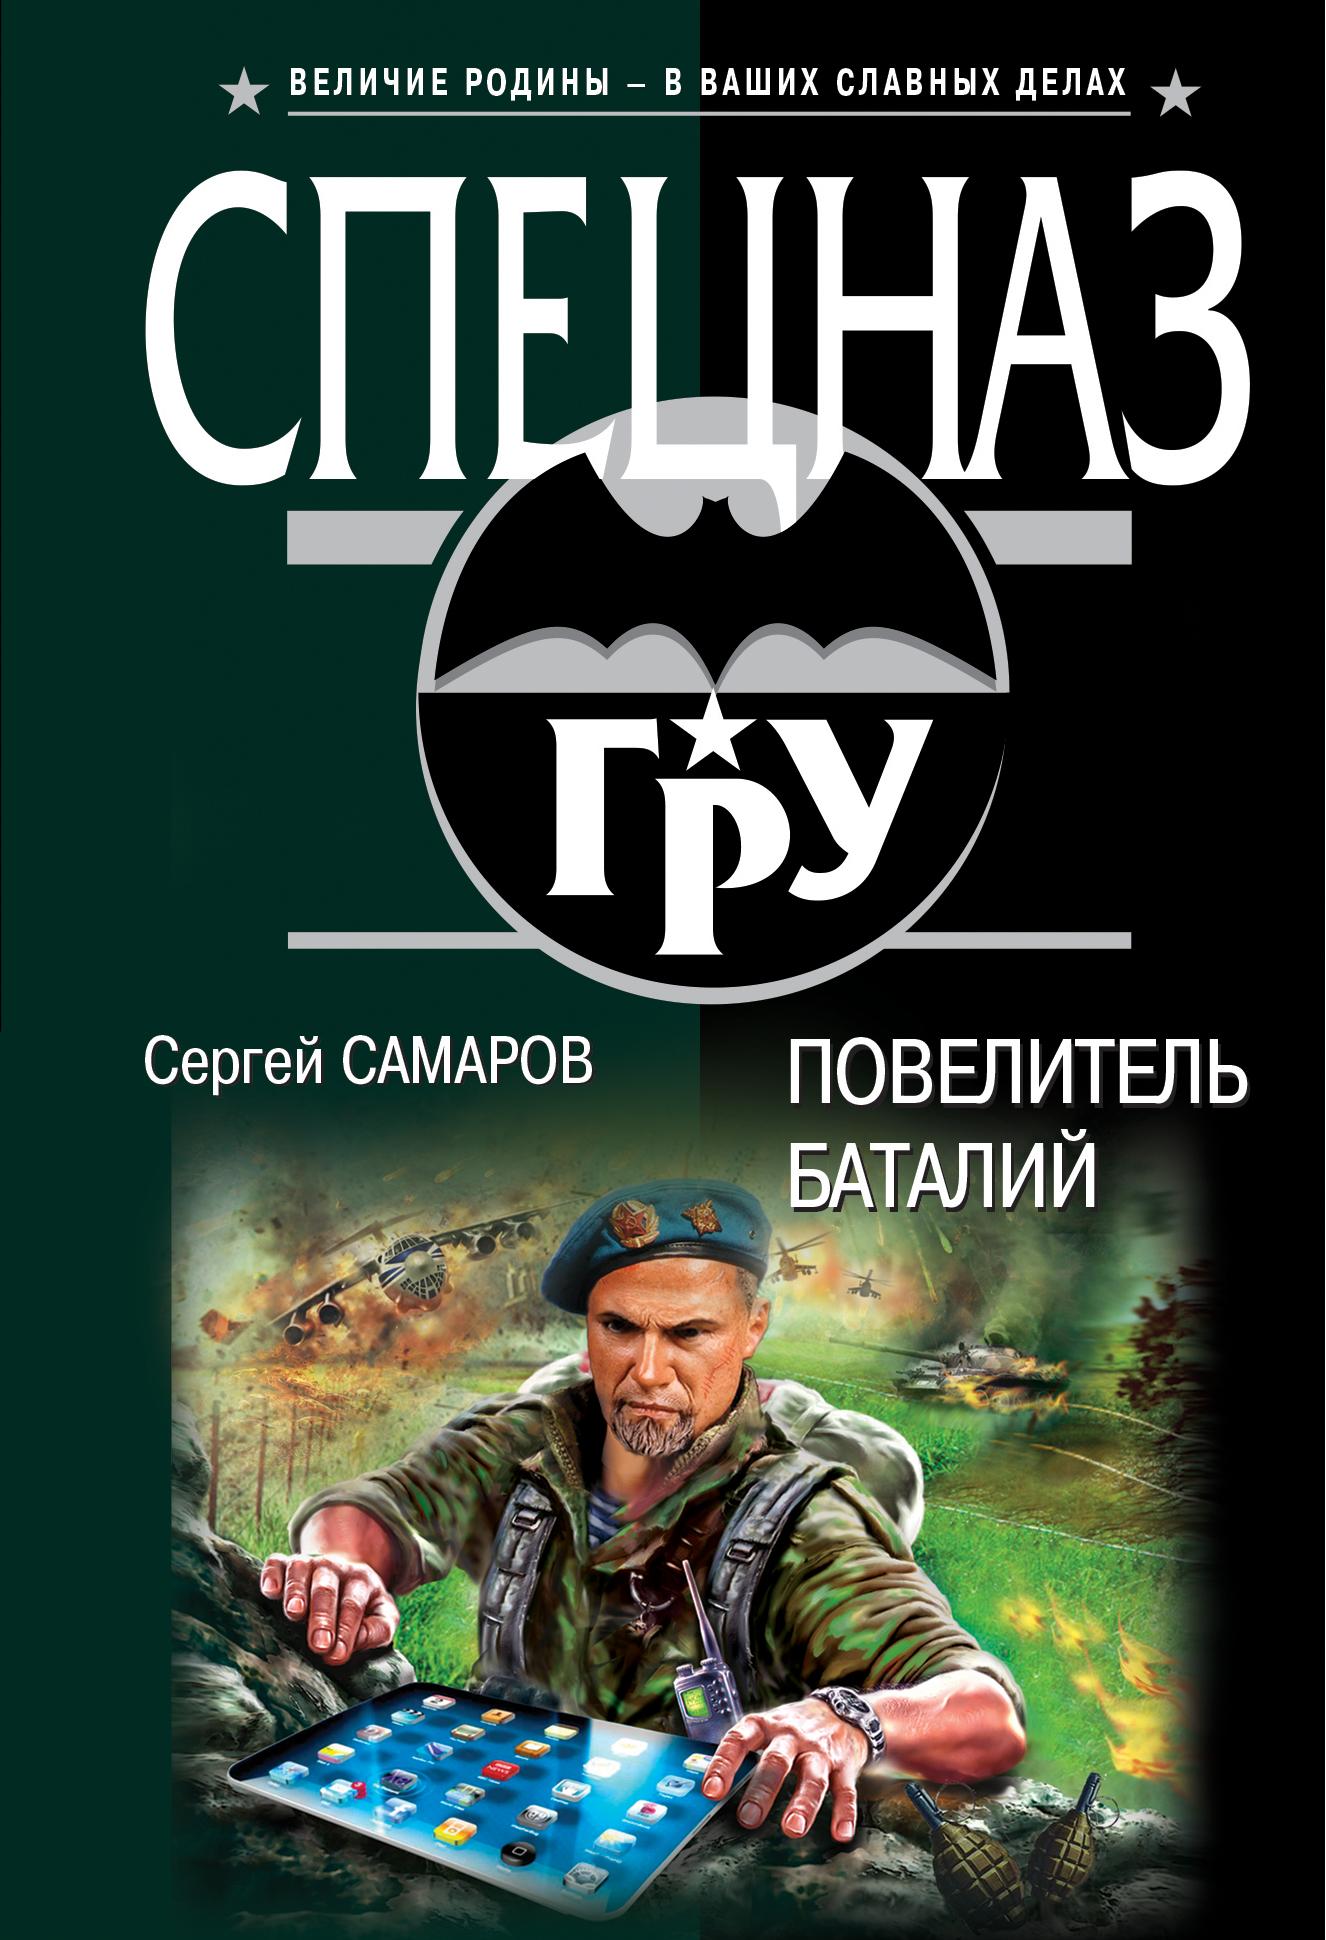 образно выражаясь в книге Сергей Самаров